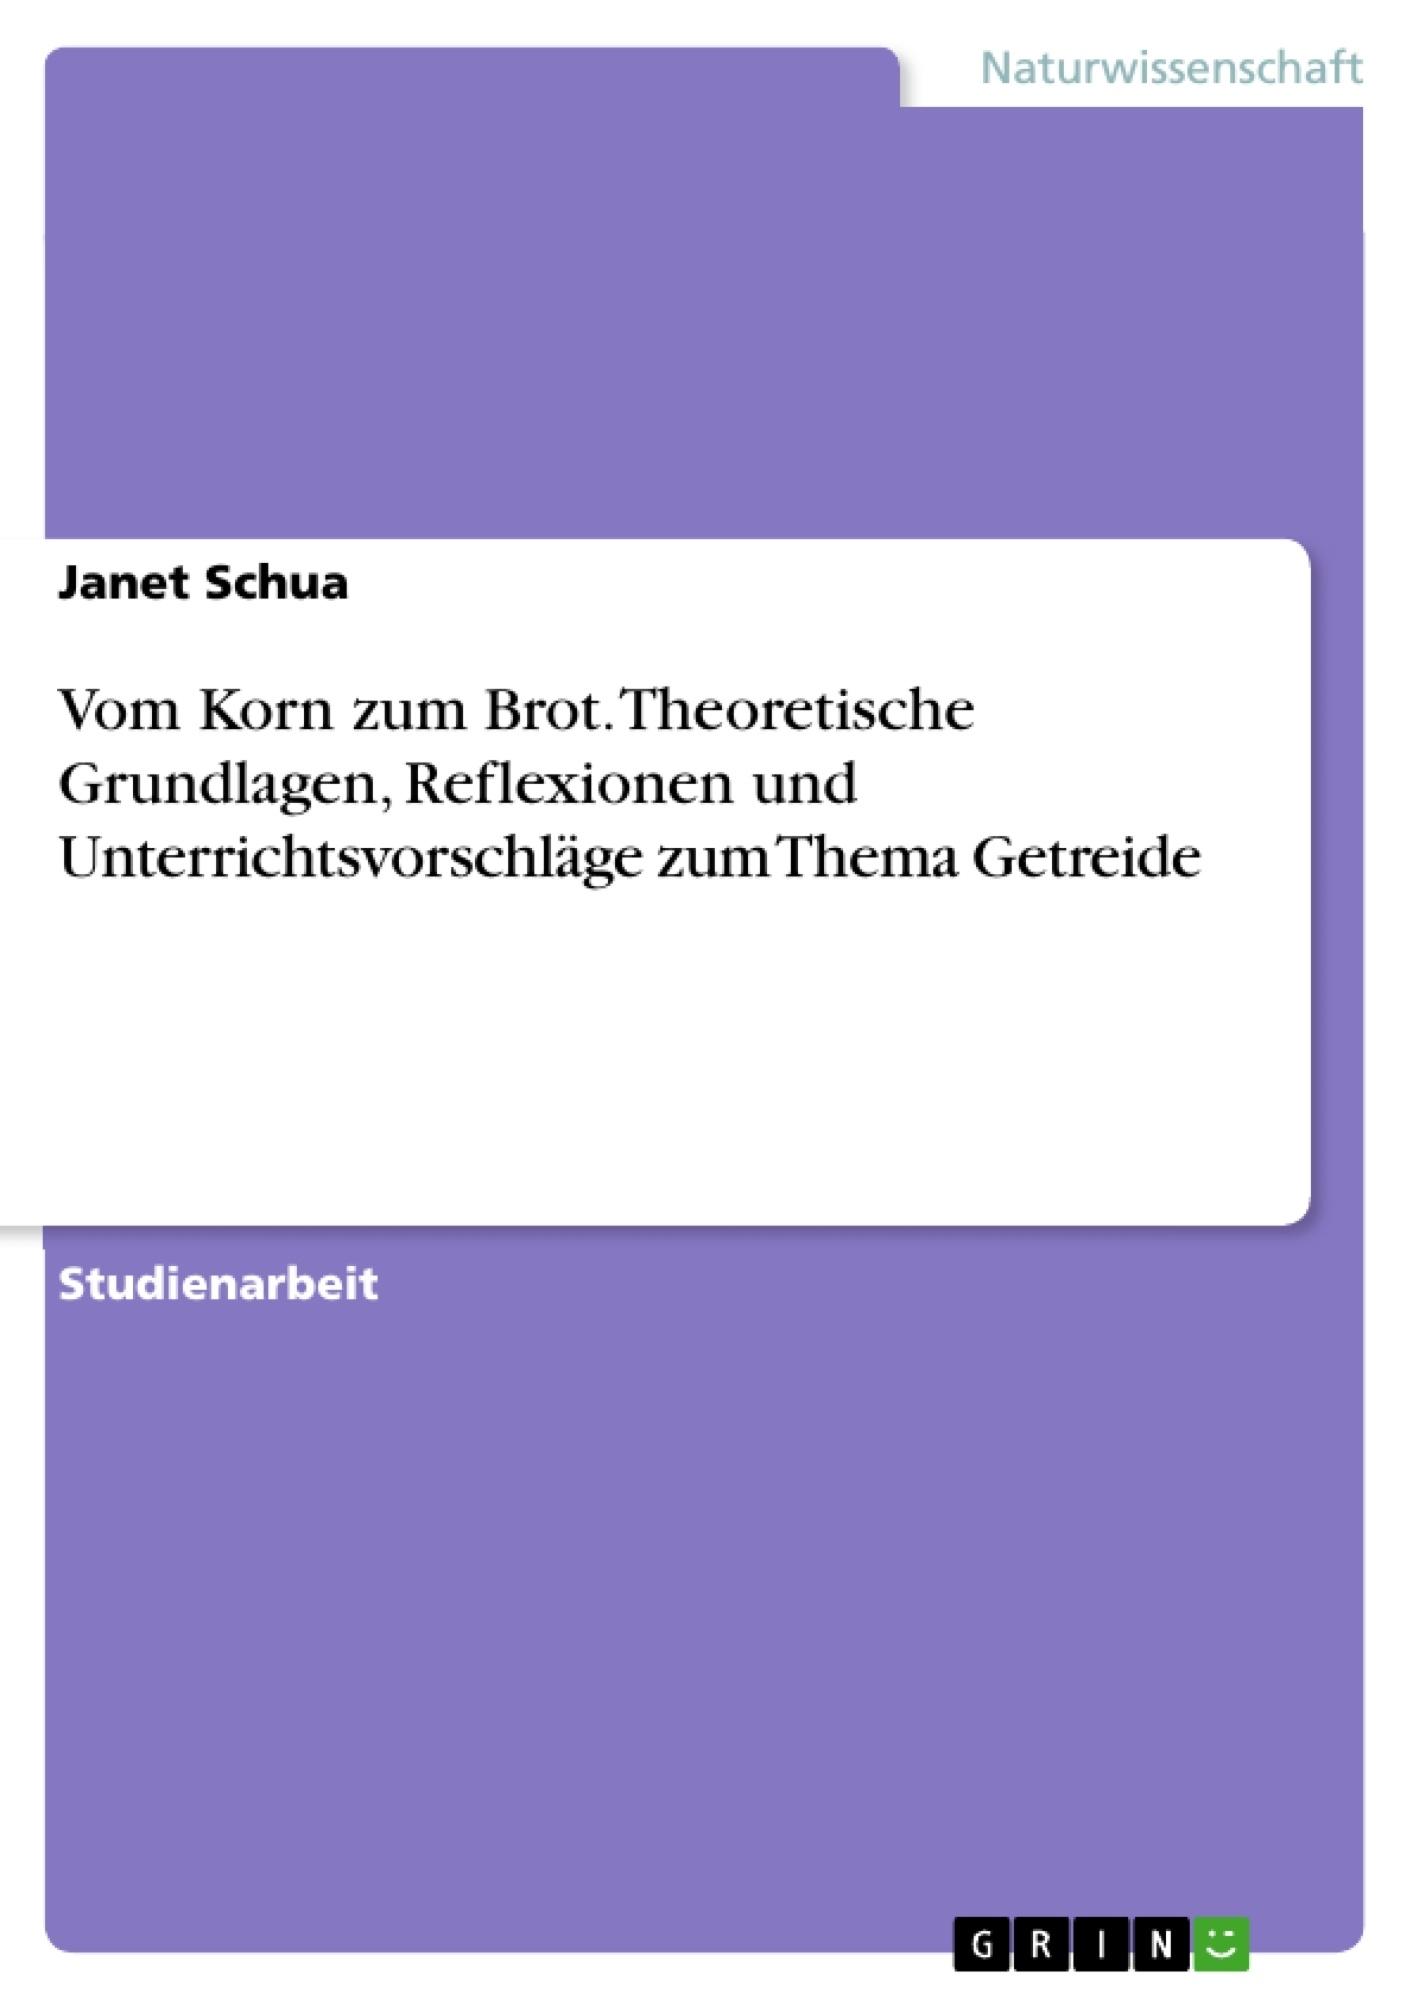 Titel: Vom Korn zum Brot. Theoretische Grundlagen, Reflexionen und Unterrichtsvorschläge zum Thema Getreide